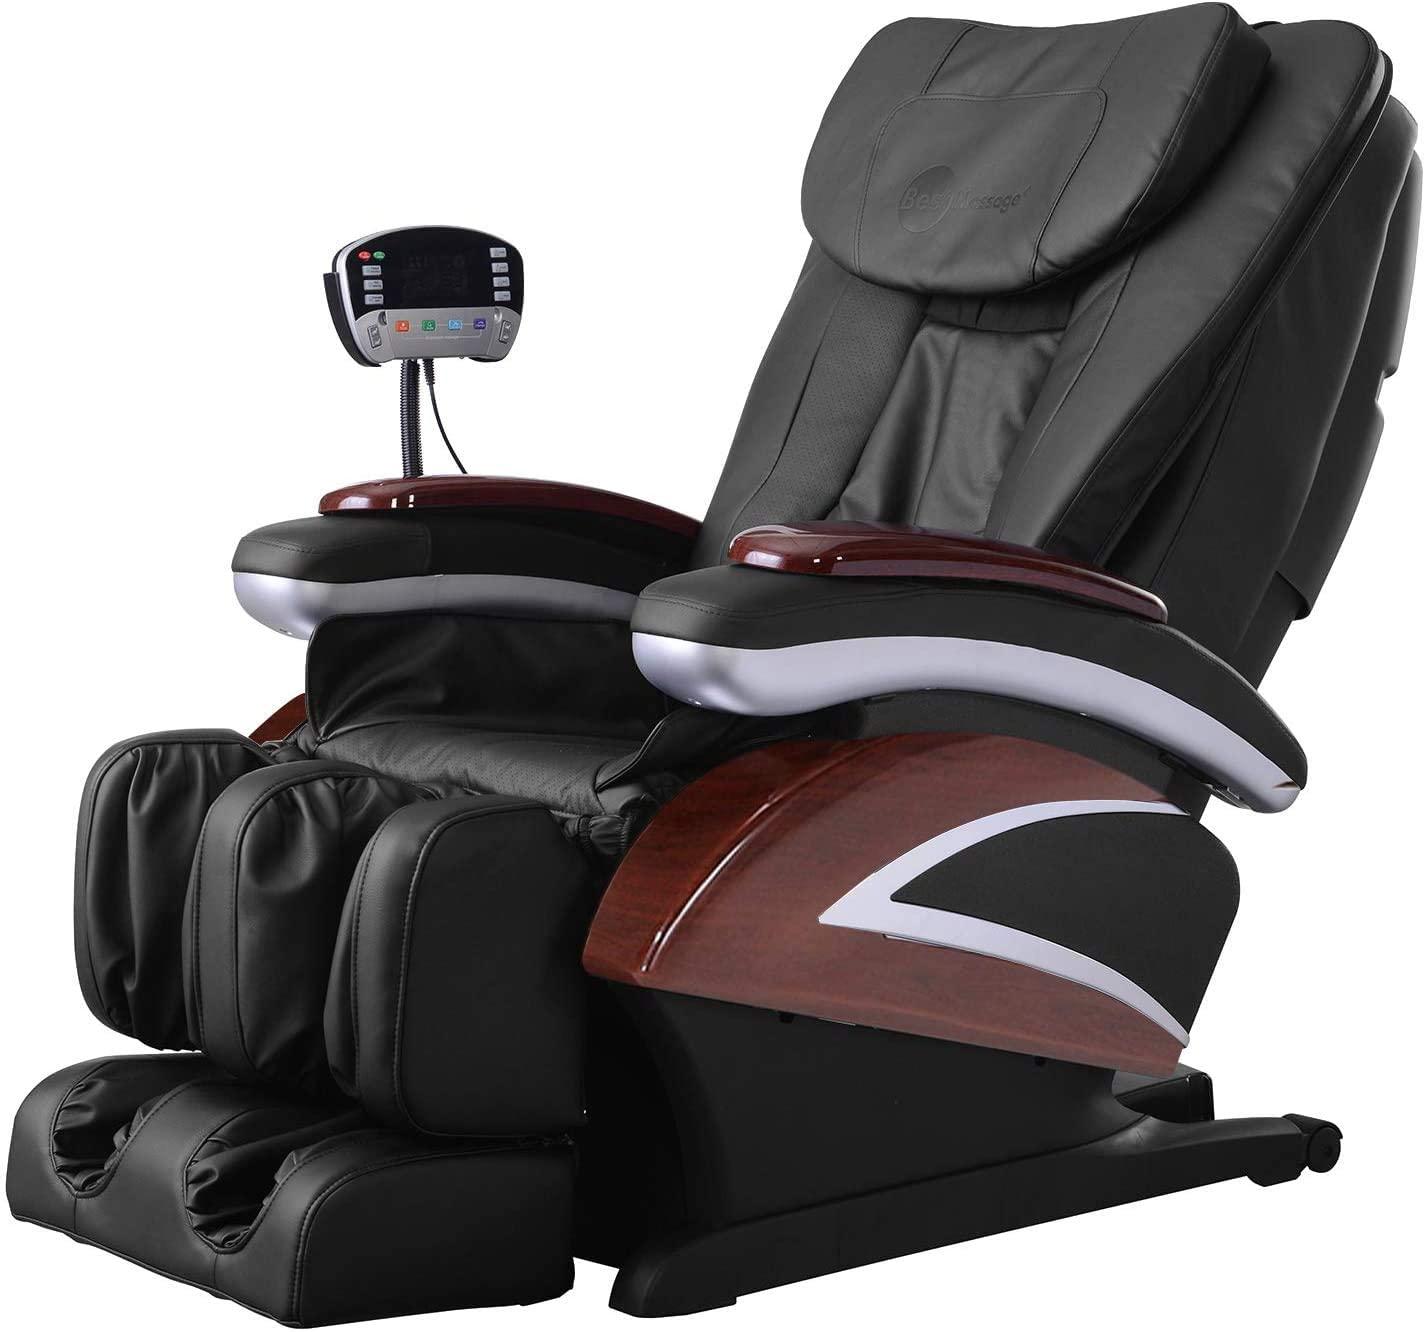 BestMassage EC06 Shiatsu Massage Chair